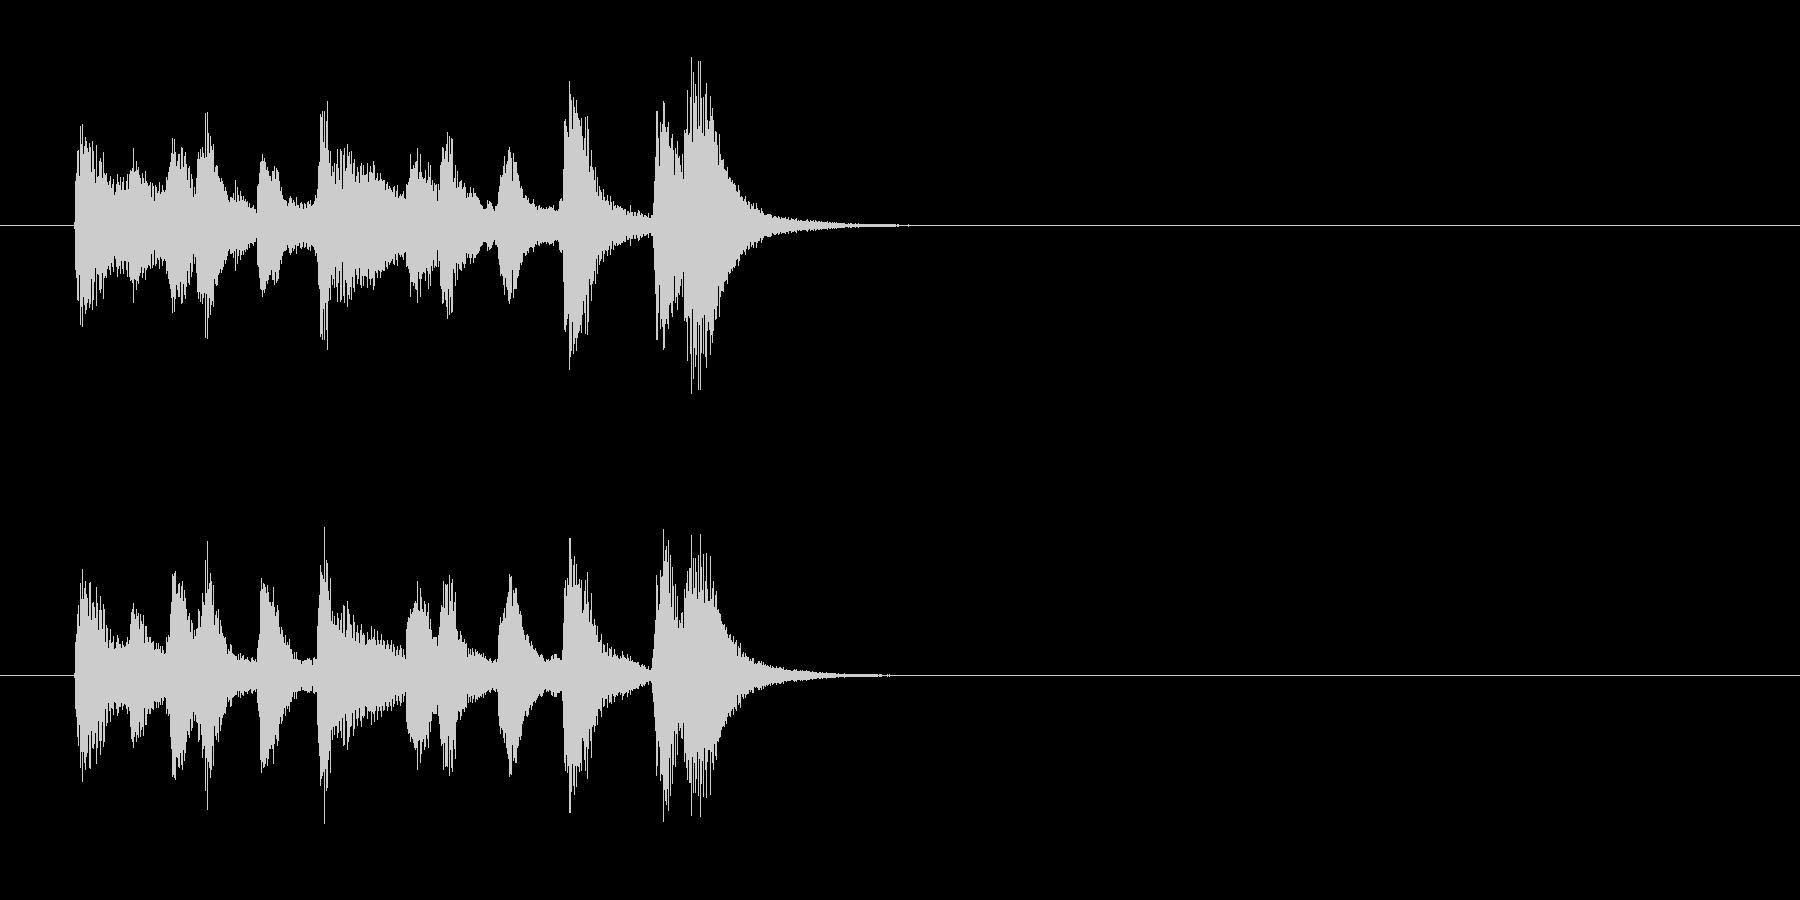 場面転換風クラシックのジングルの未再生の波形